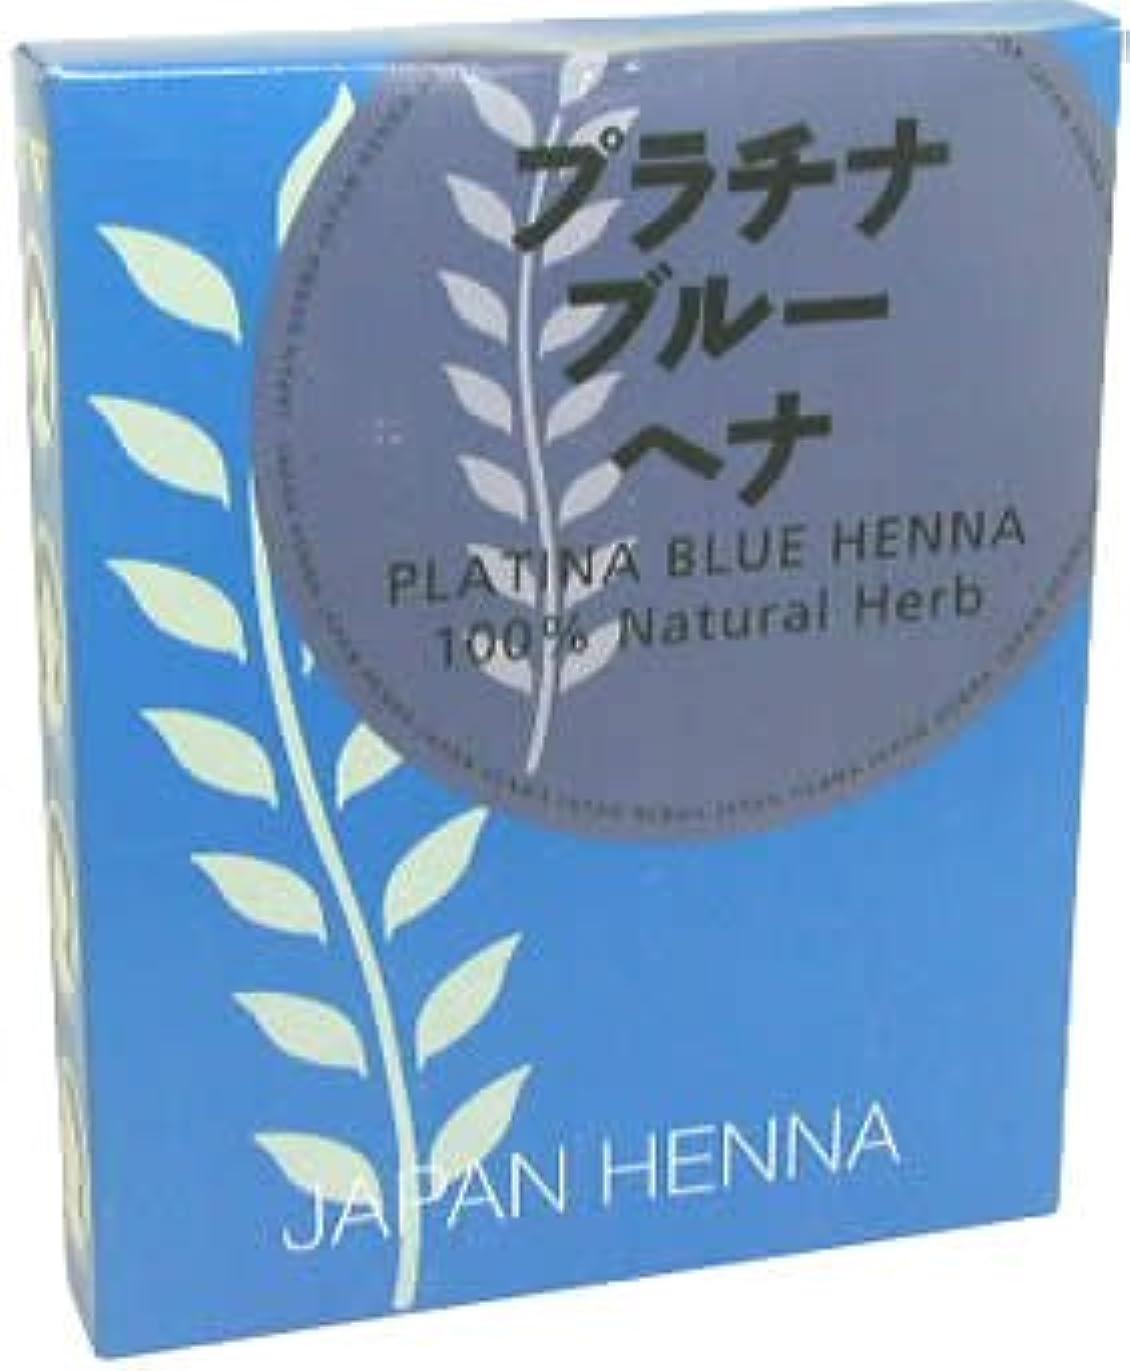 戻す遊びます帆ジャパンヘナ 天然100% ヘナパウダー プラチナブルー 100g 手袋入り B-7 白髪染め